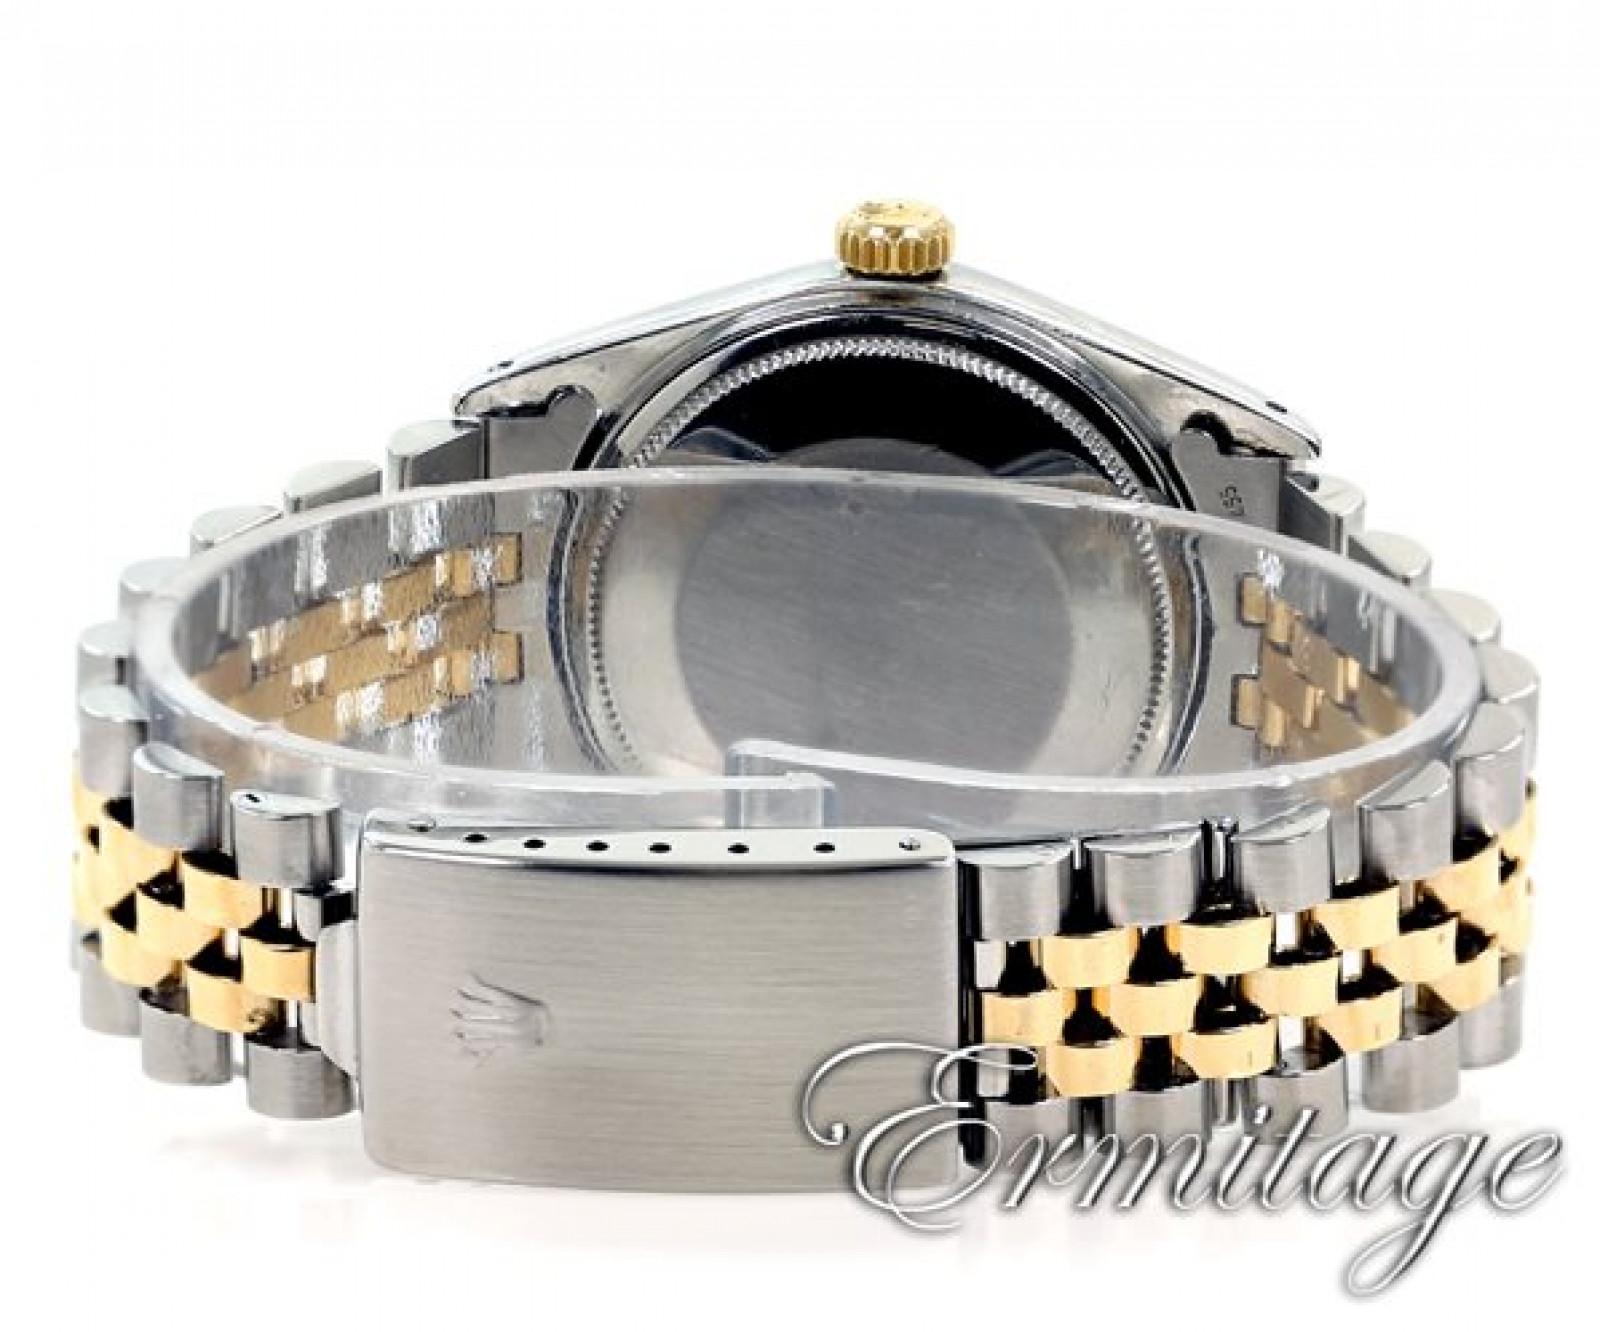 Vintage Rare Rolex Datejust 1601 Gold & Steel Year 1967